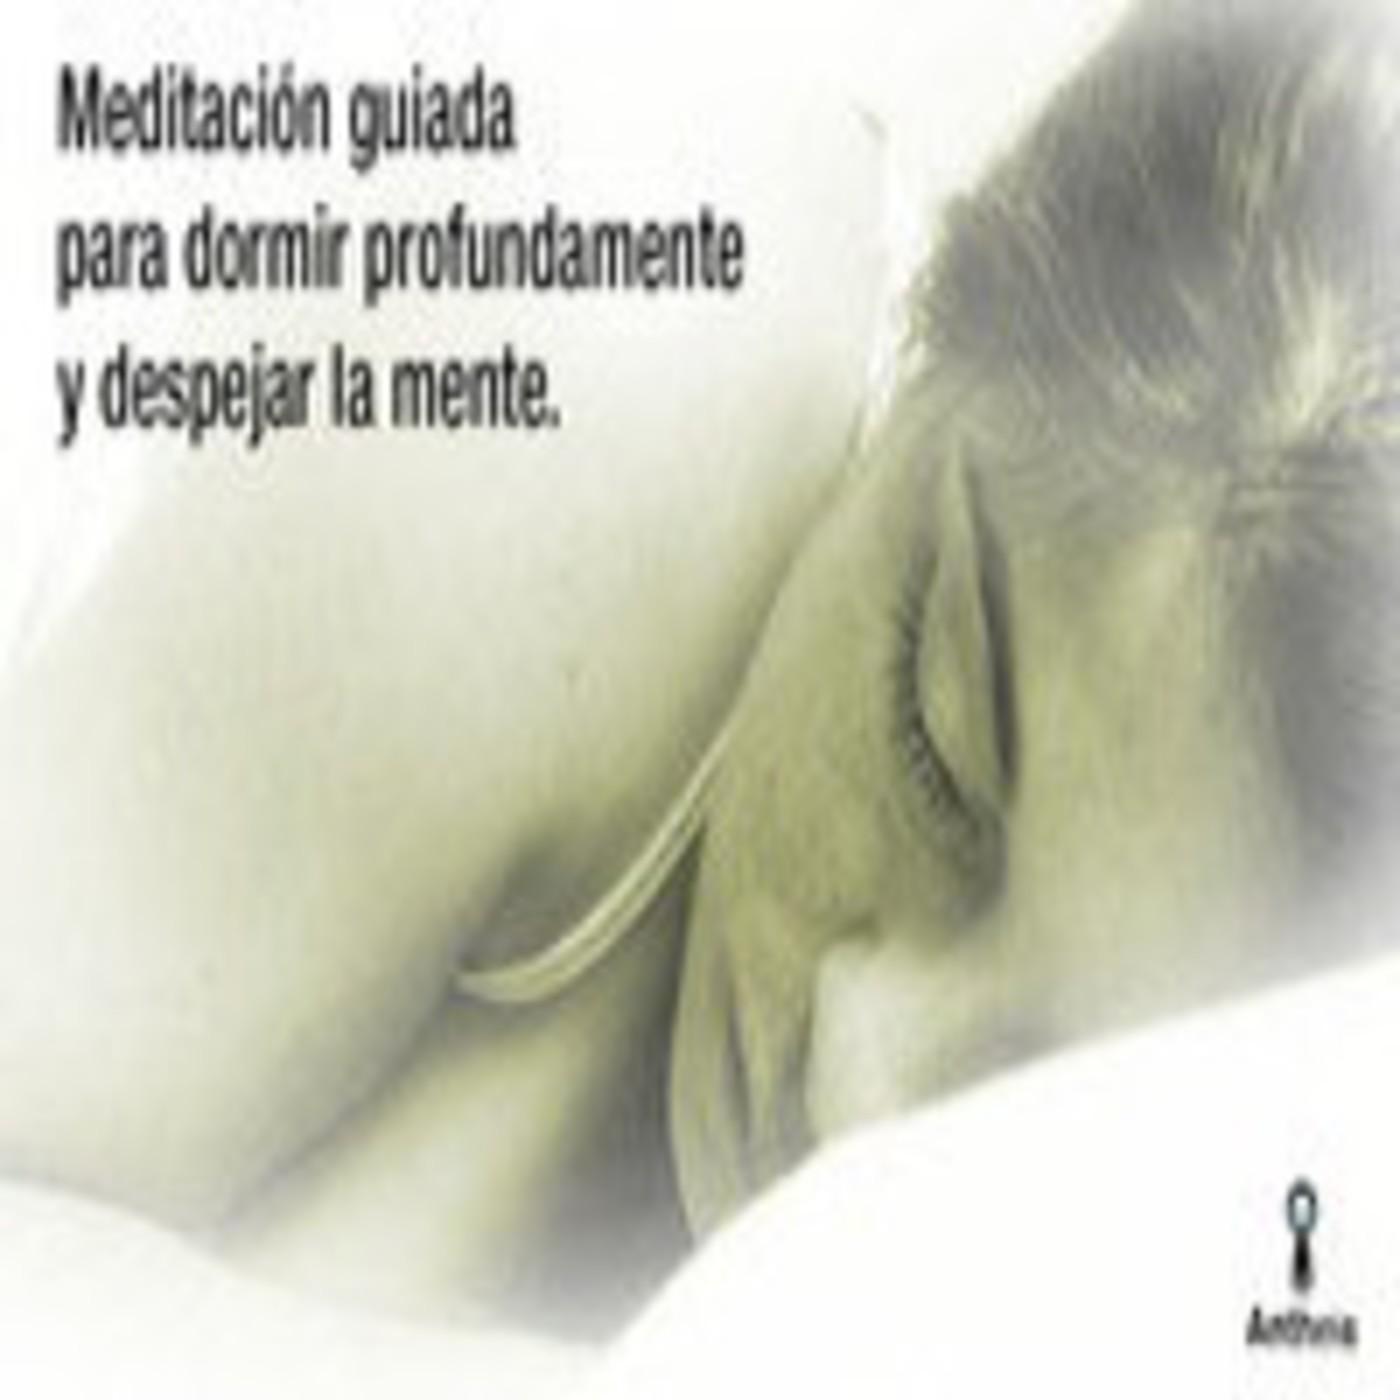 Meditaci n guiada para dormir profundamente y despejar la mente en antheis meditaci n y paz - Aromas para dormir profundamente ...